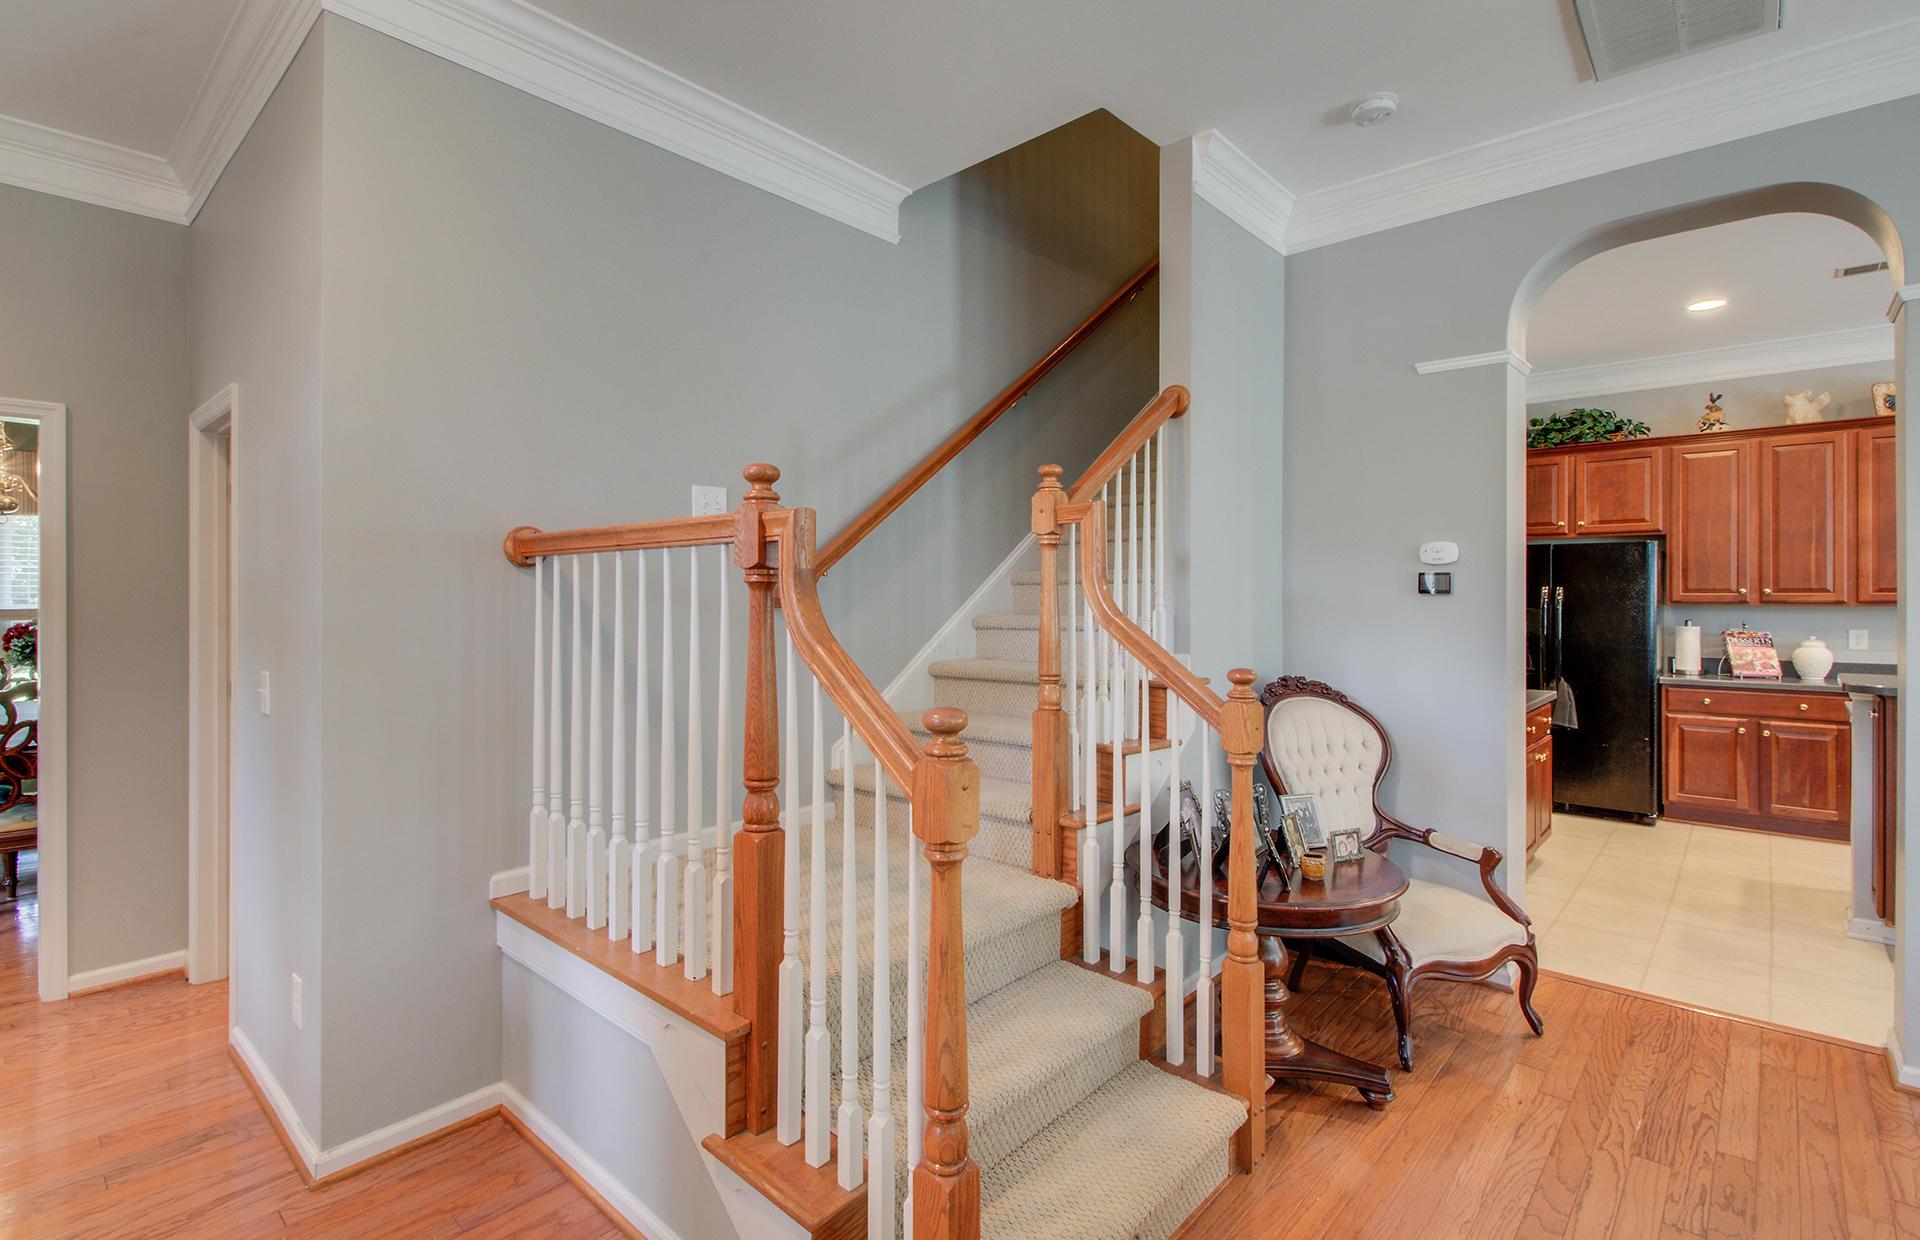 Park West Homes For Sale - 2500 Draymohr, Mount Pleasant, SC - 13